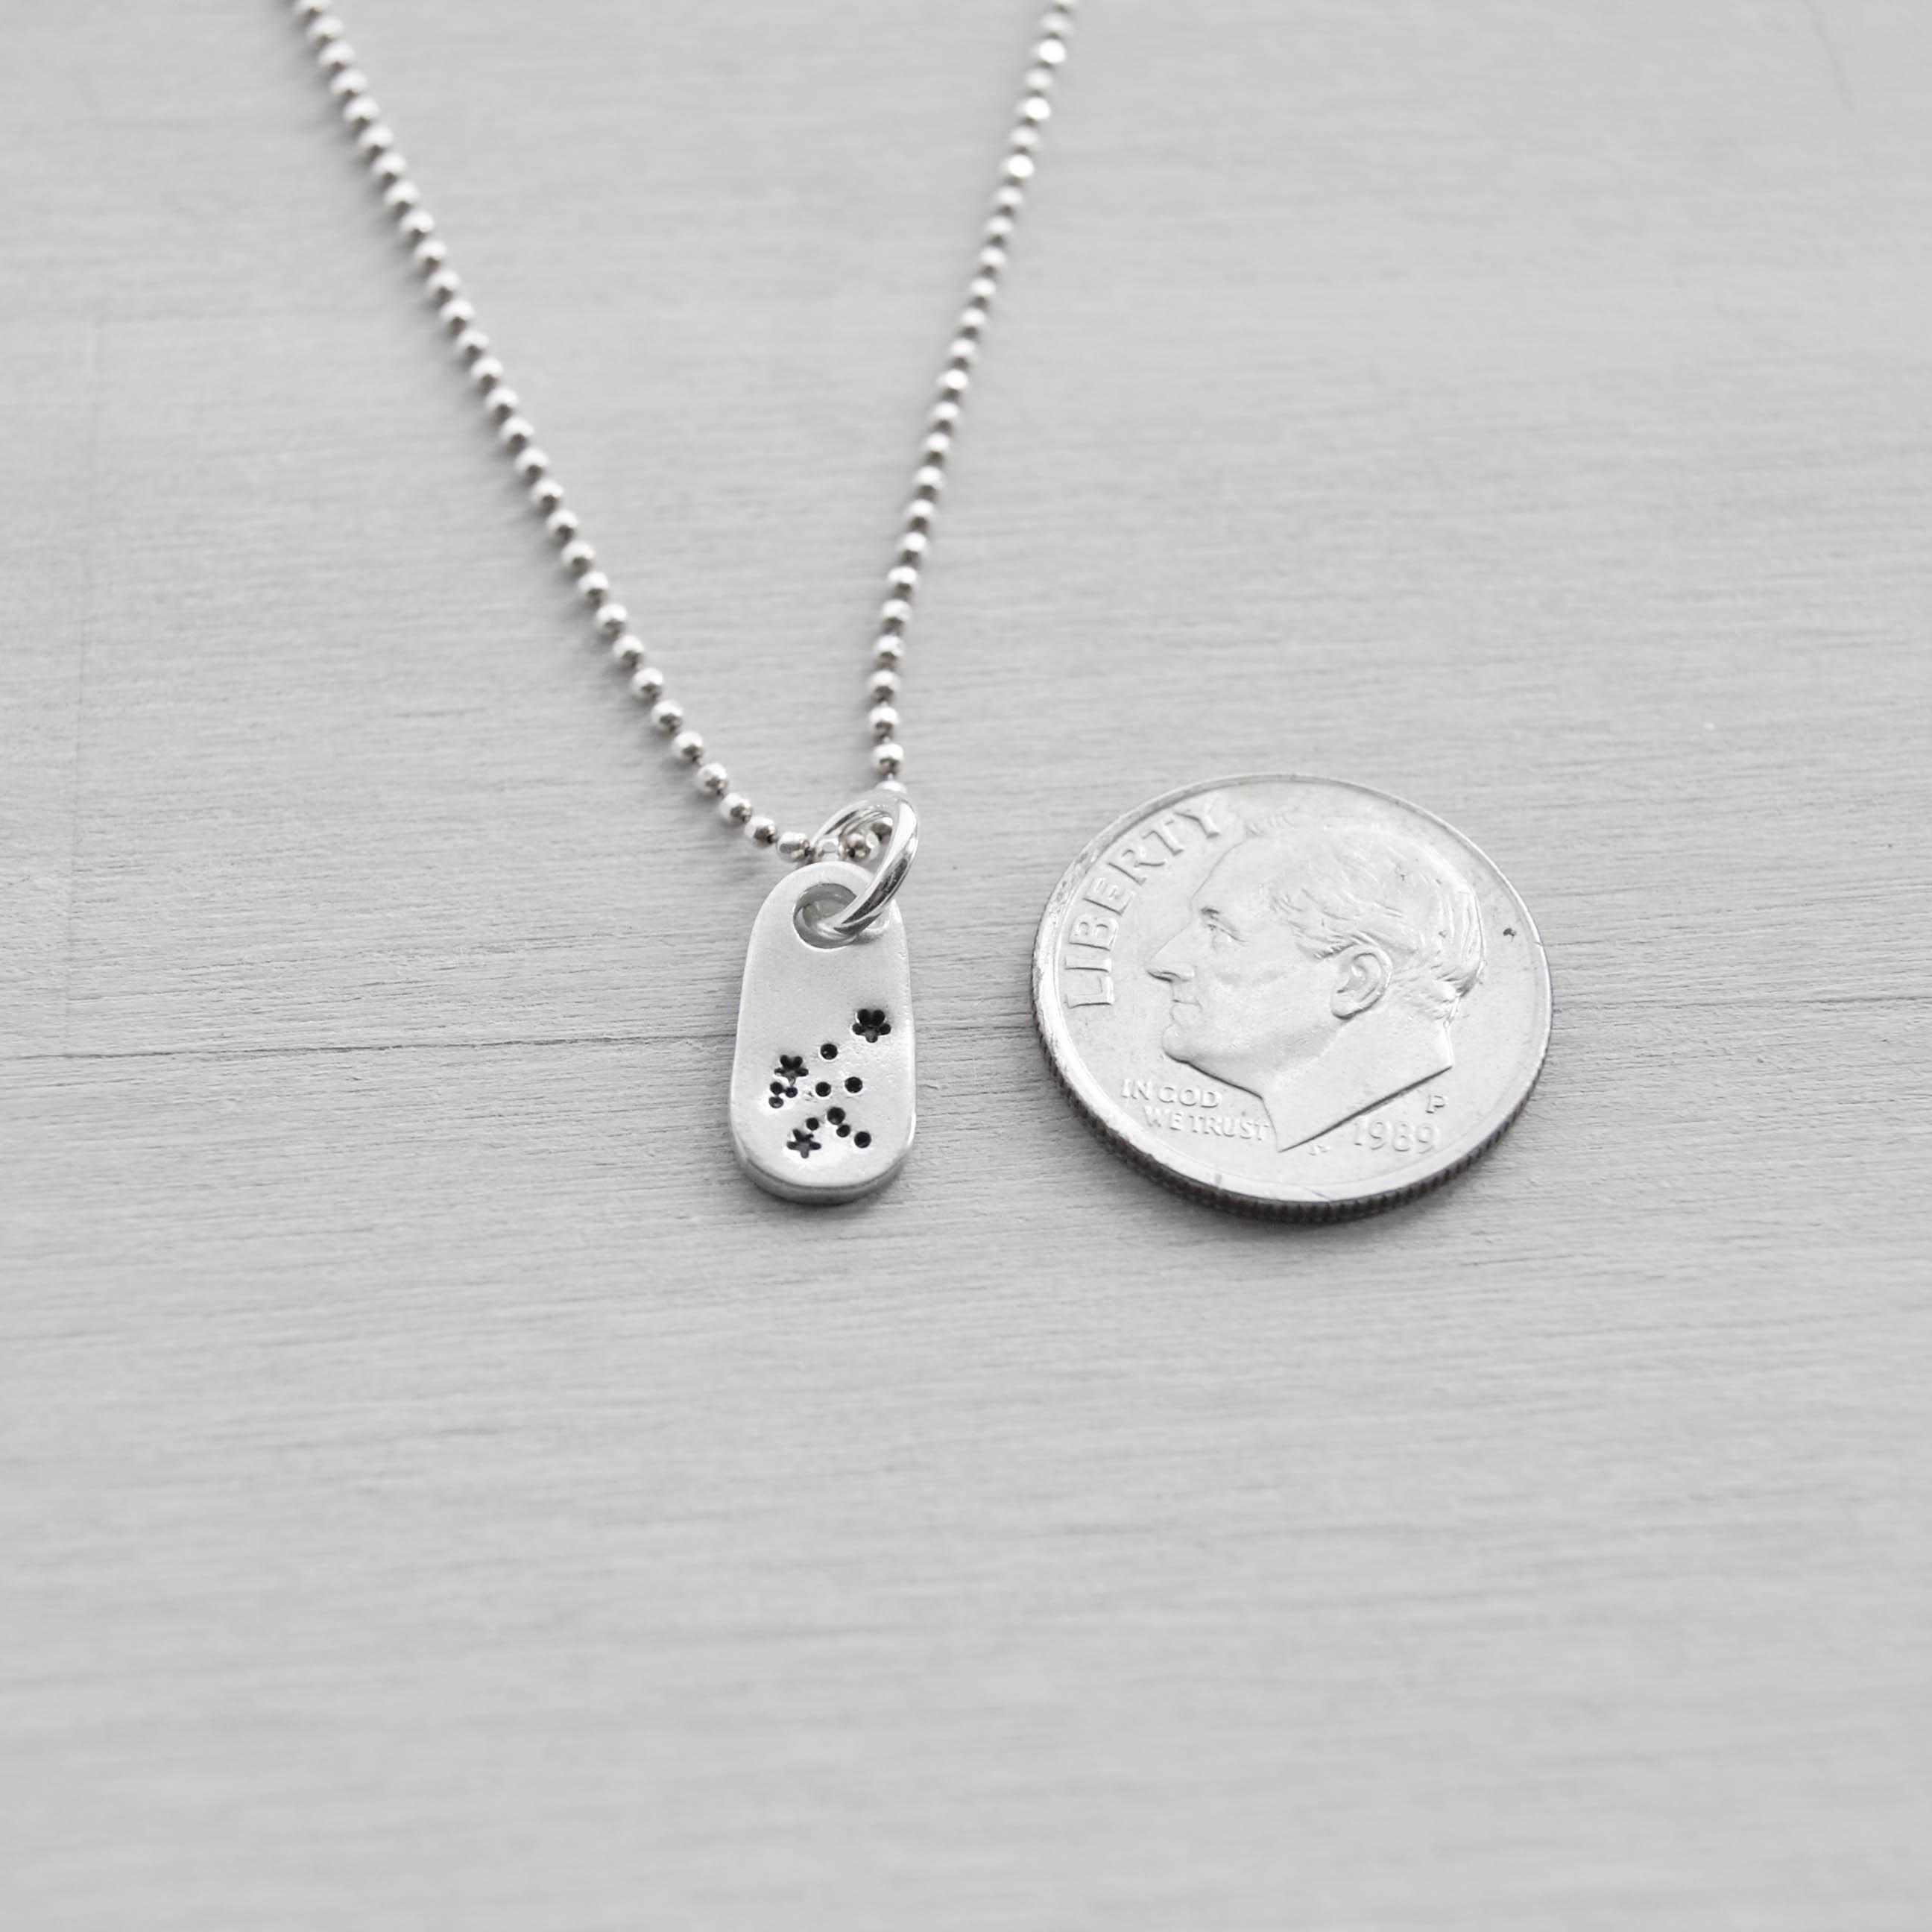 Aquarius Constellation Zodiac Necklace